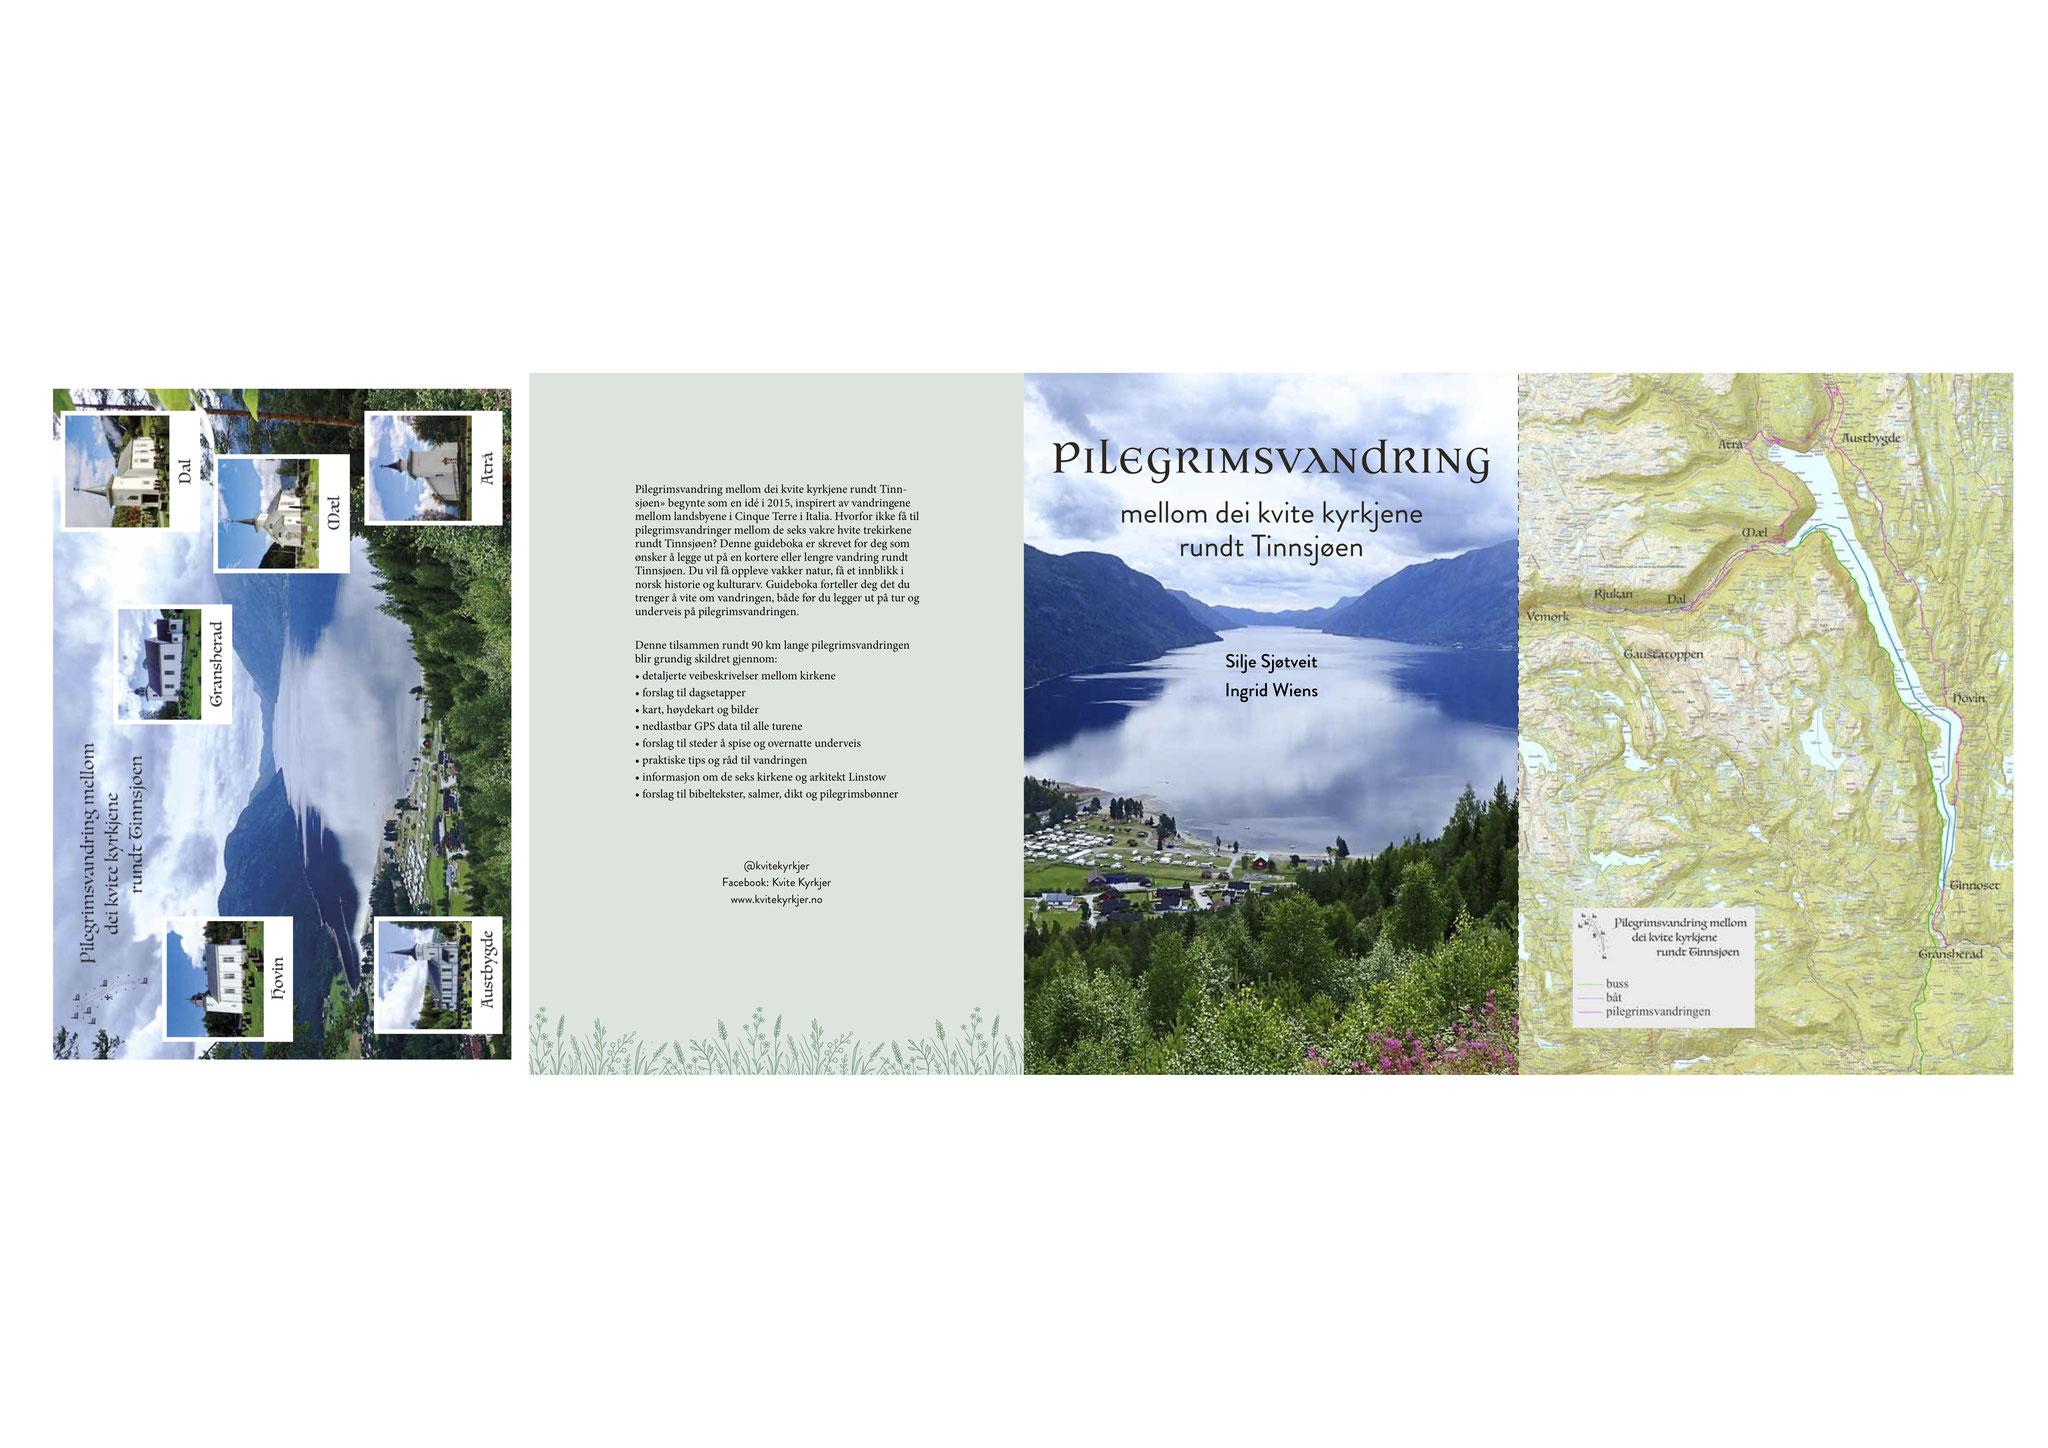 Guideboken kvitekyrkjer rundt Tinnsjøen - tittelside